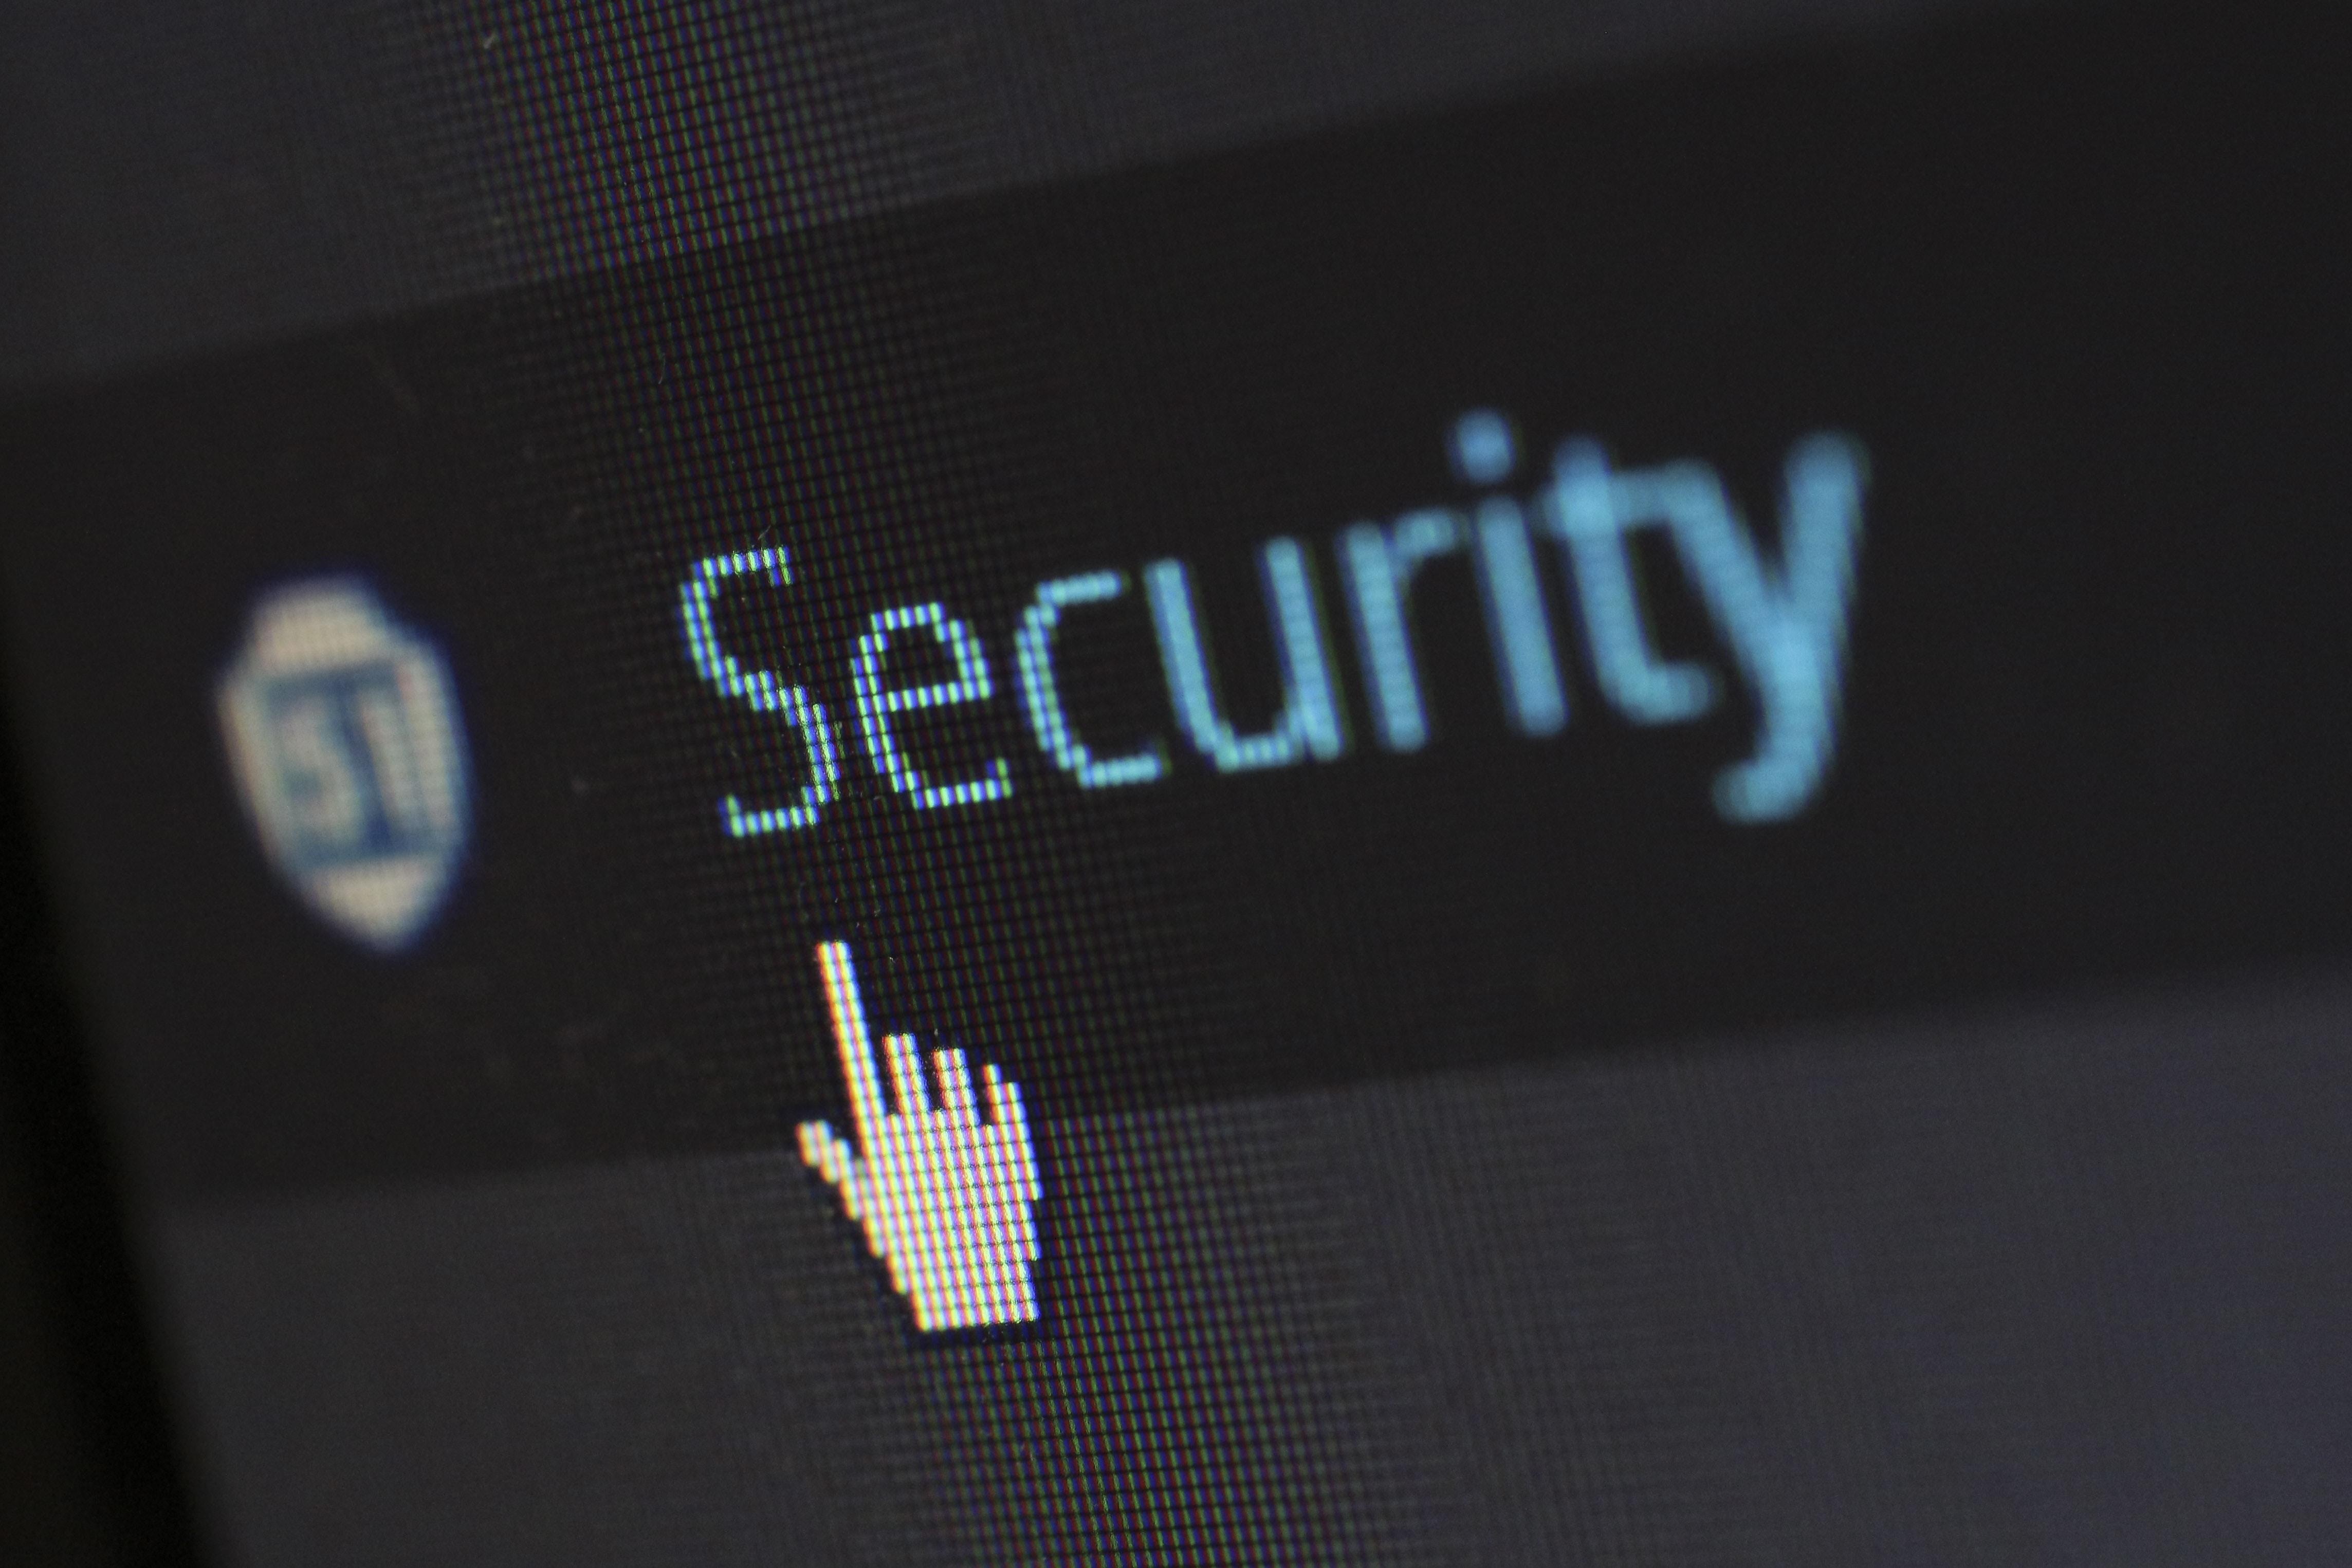 Les 10 principes pour garantir votre cyber sécurité